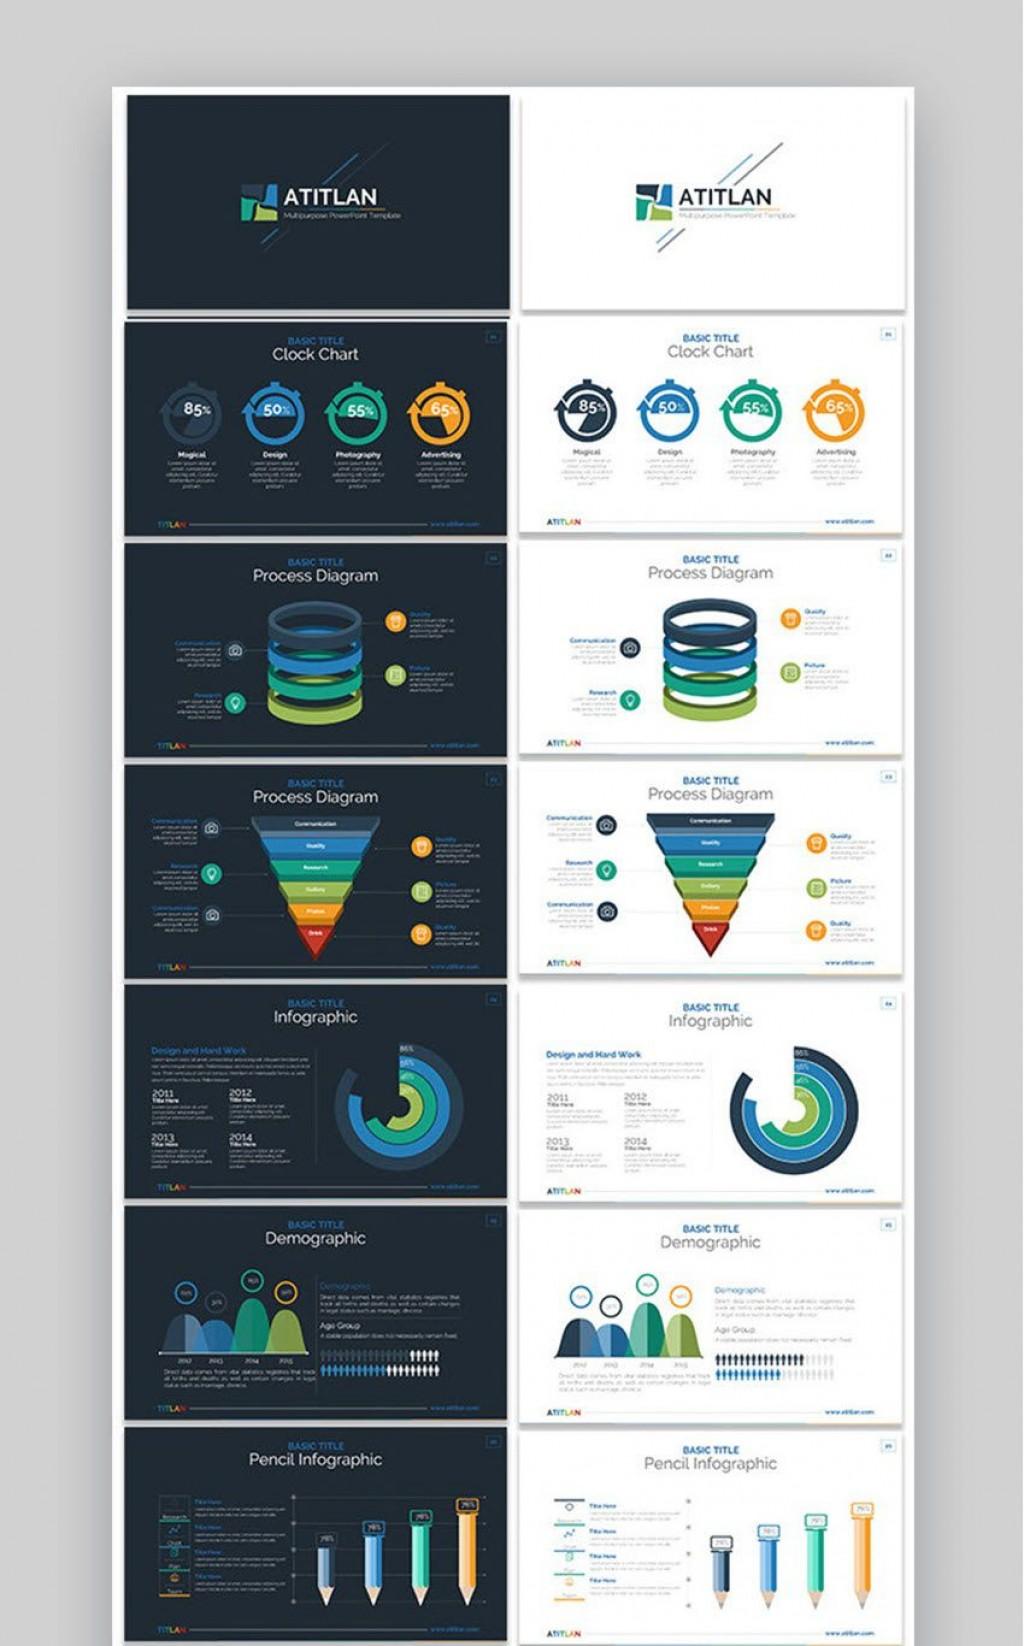 009 Sensational Ppt Flow Chart Template Example  Powerpoint Flowchart SmartartLarge